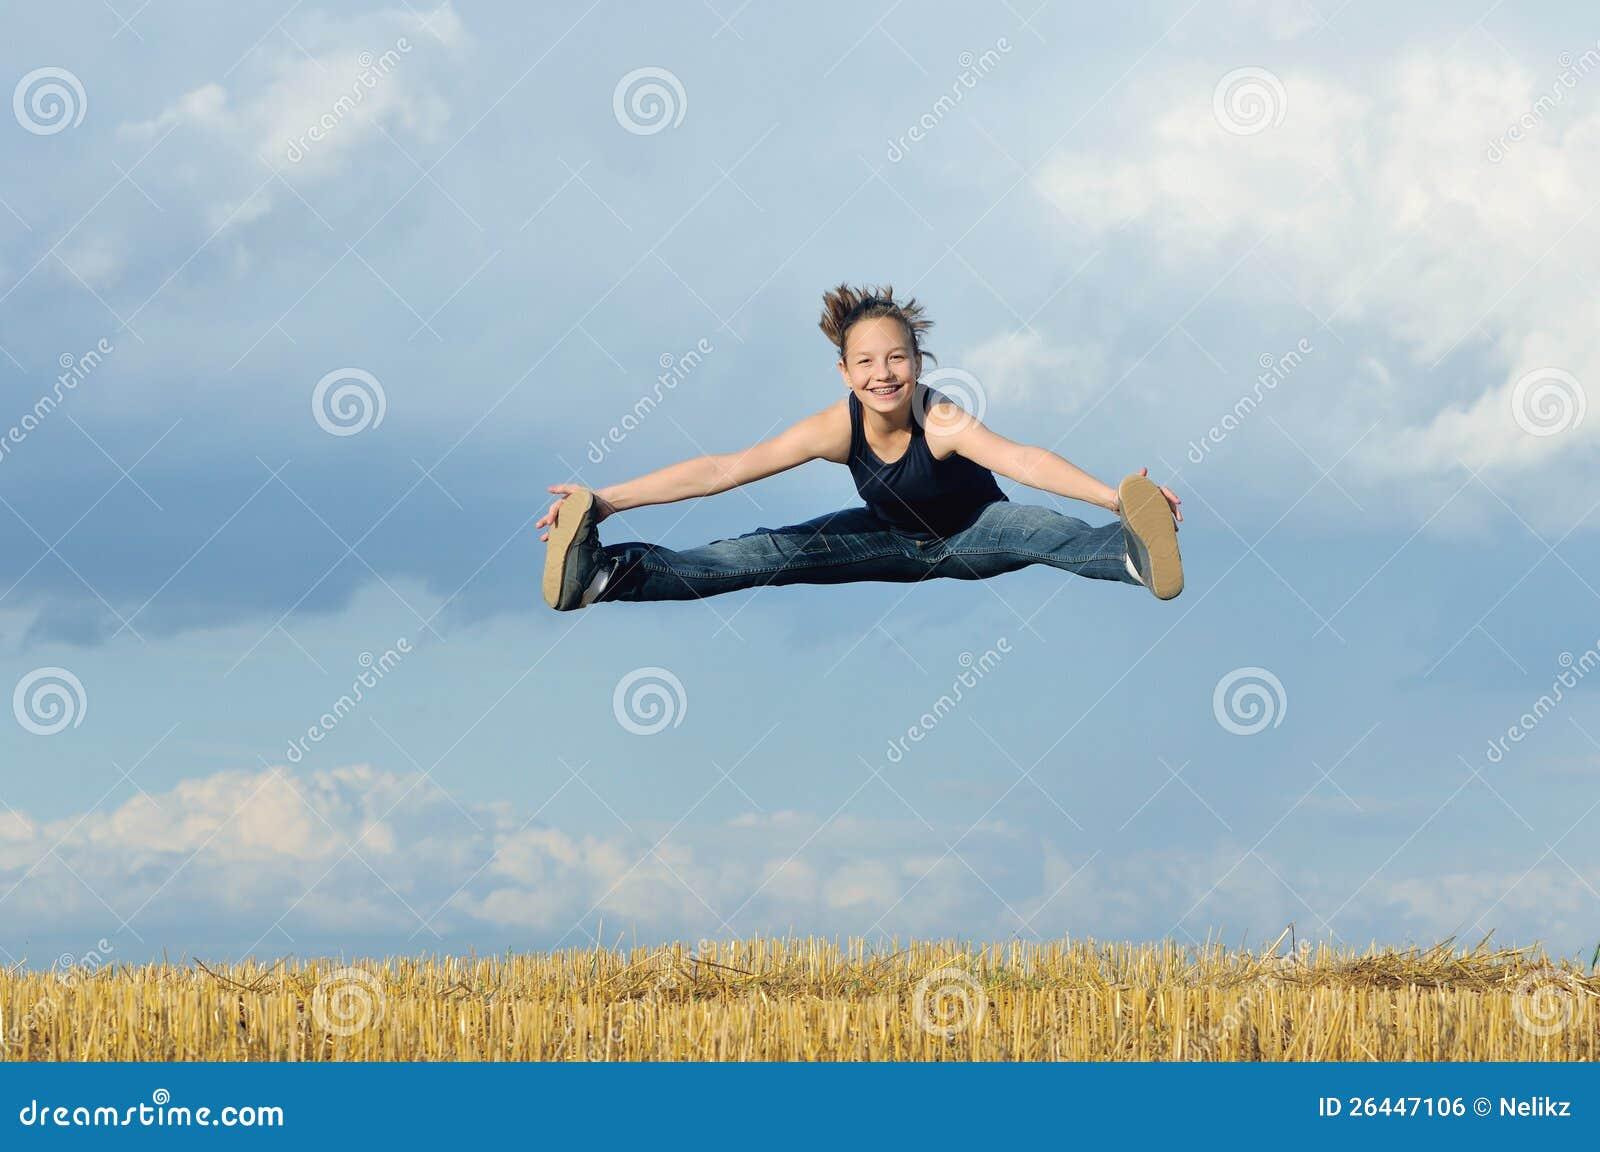 Schönes Mädchen im gymnastischen Sprung gegen blauen Himmel